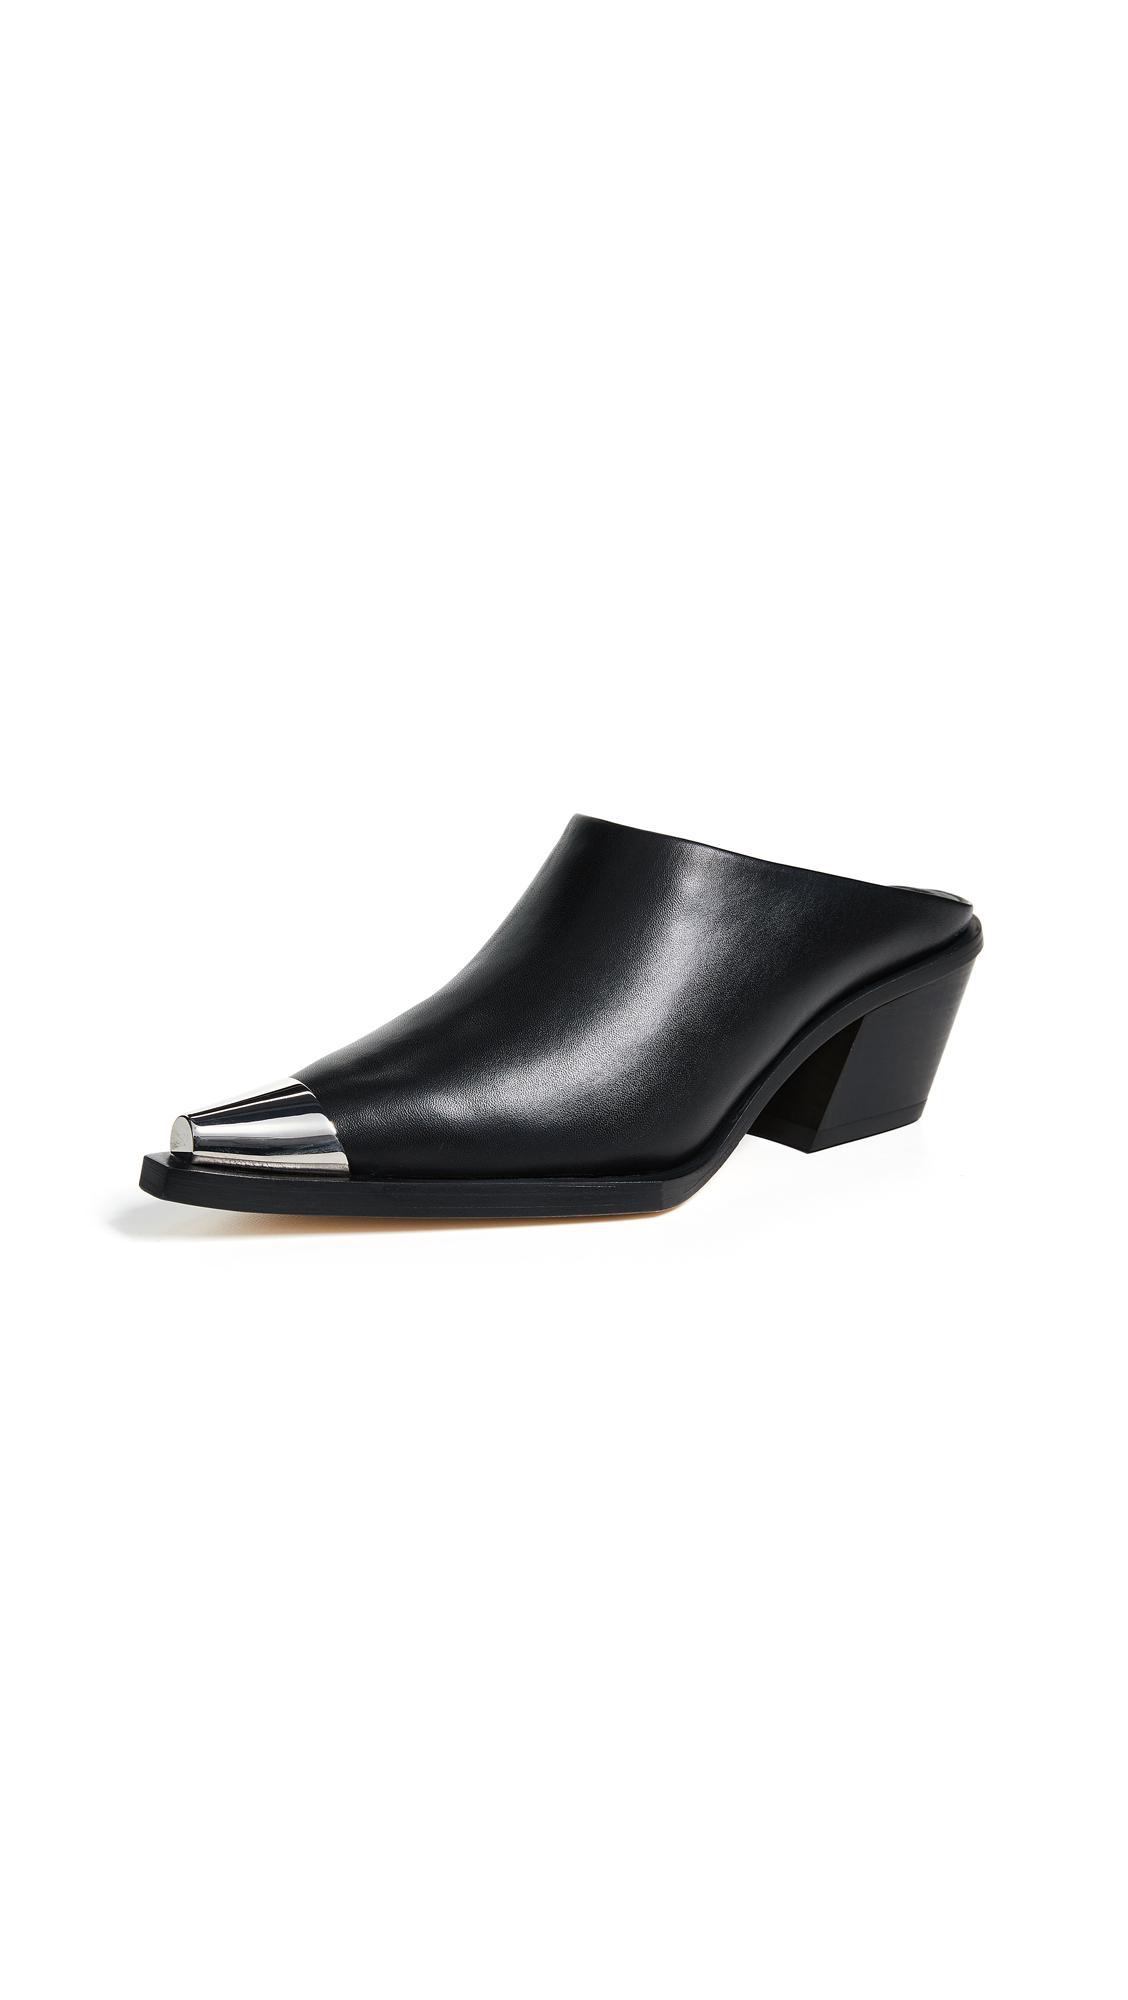 Helmut Lang Clean Mules In Black